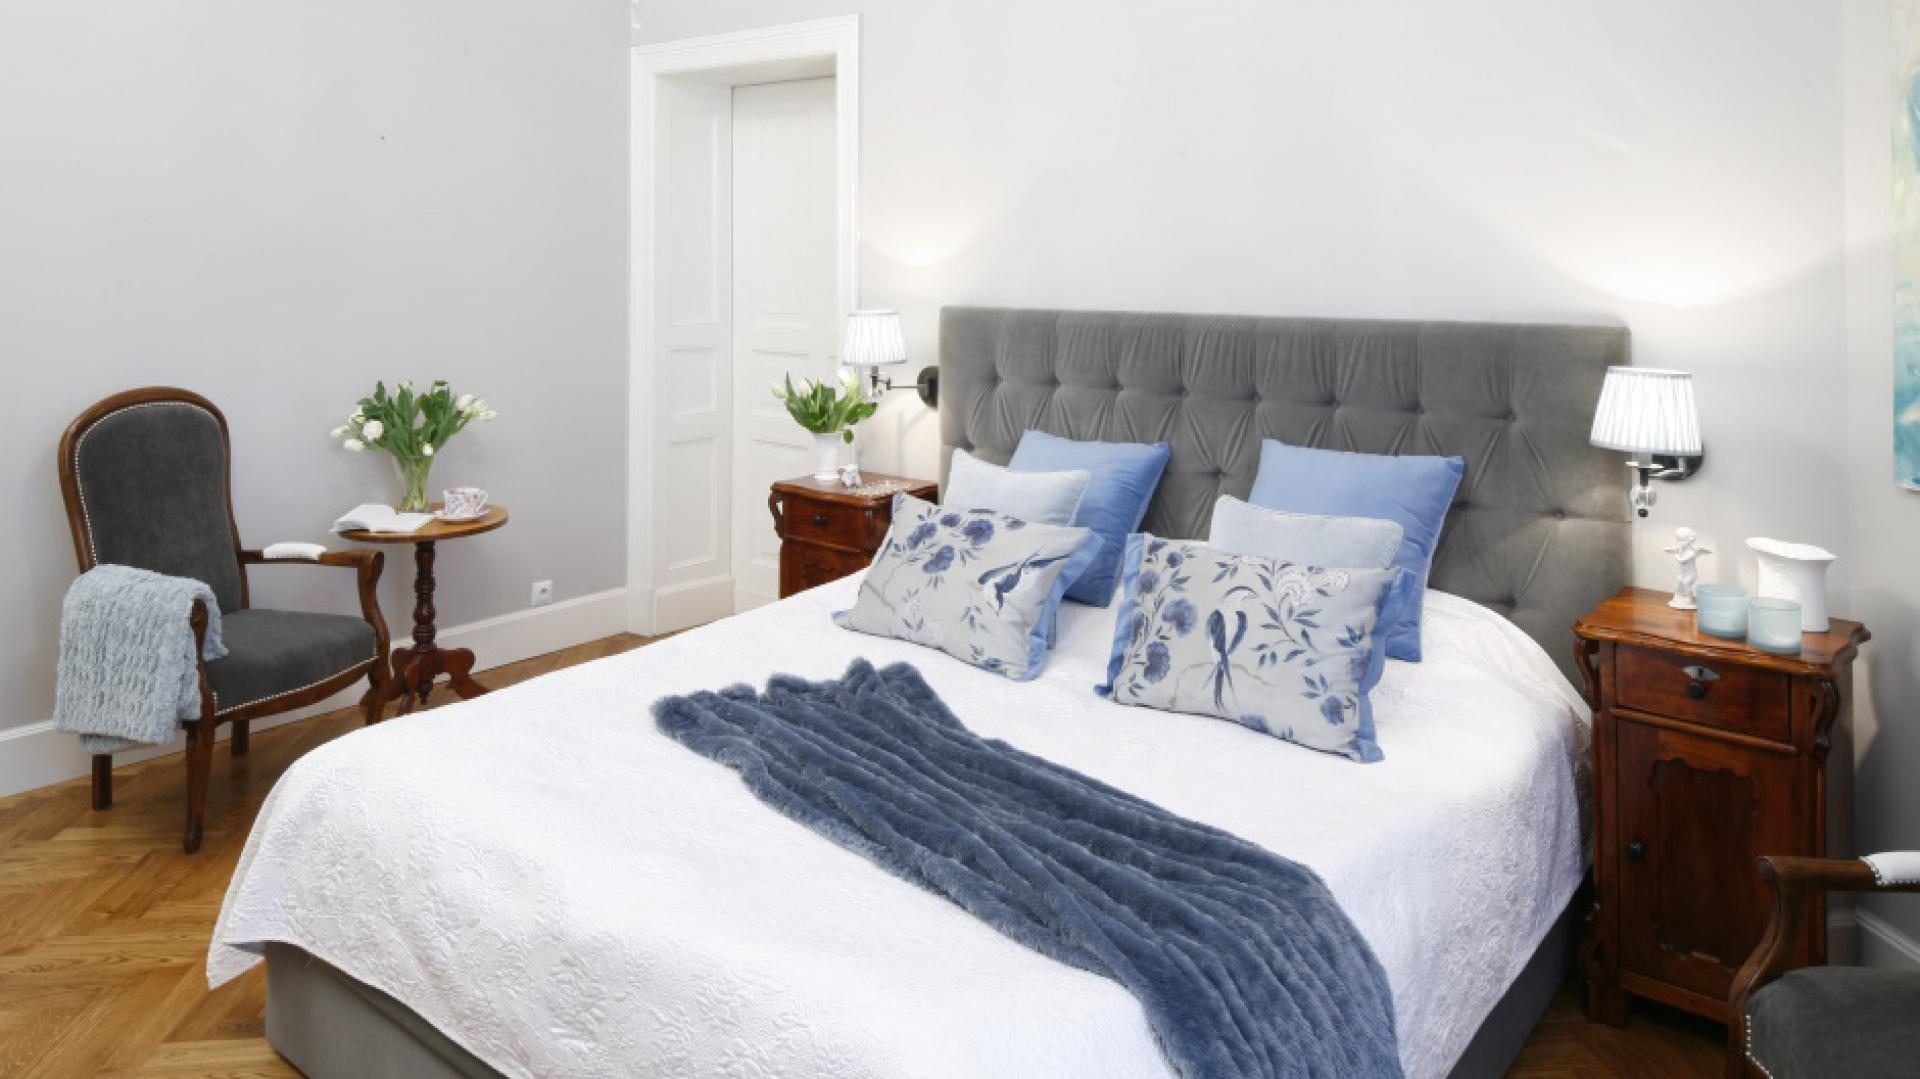 Sypialnia urządzona w klasycznym stylu. Projekt: Iwona Kurkowska. Fot. Bartosz Jarosz